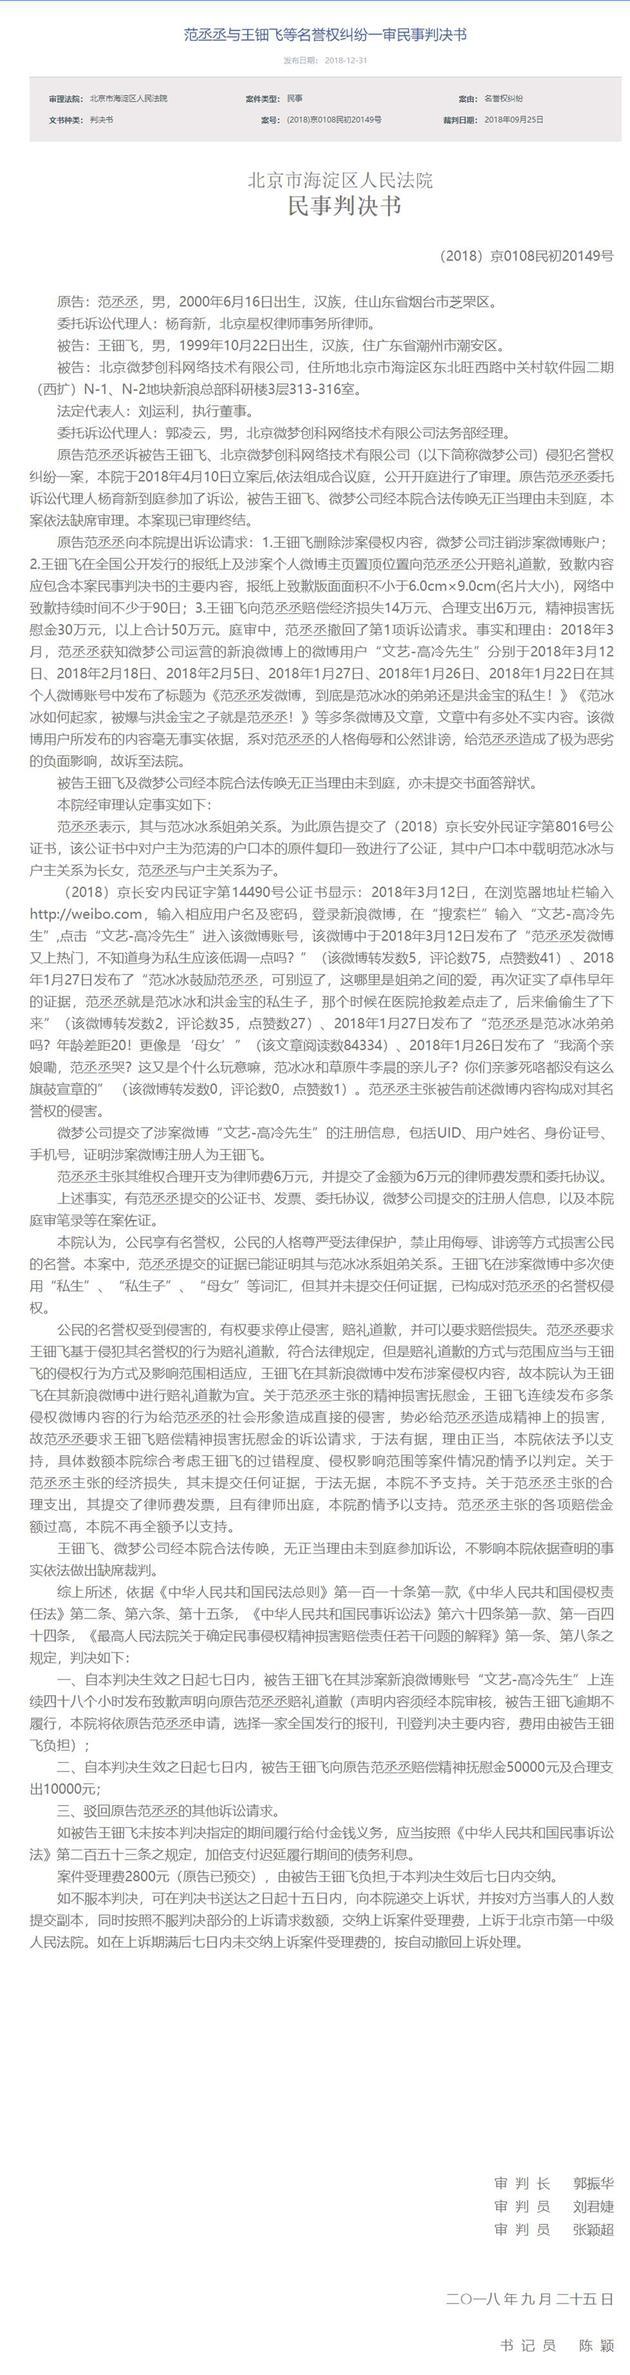 北京法院审判新闻网公布的法律文书